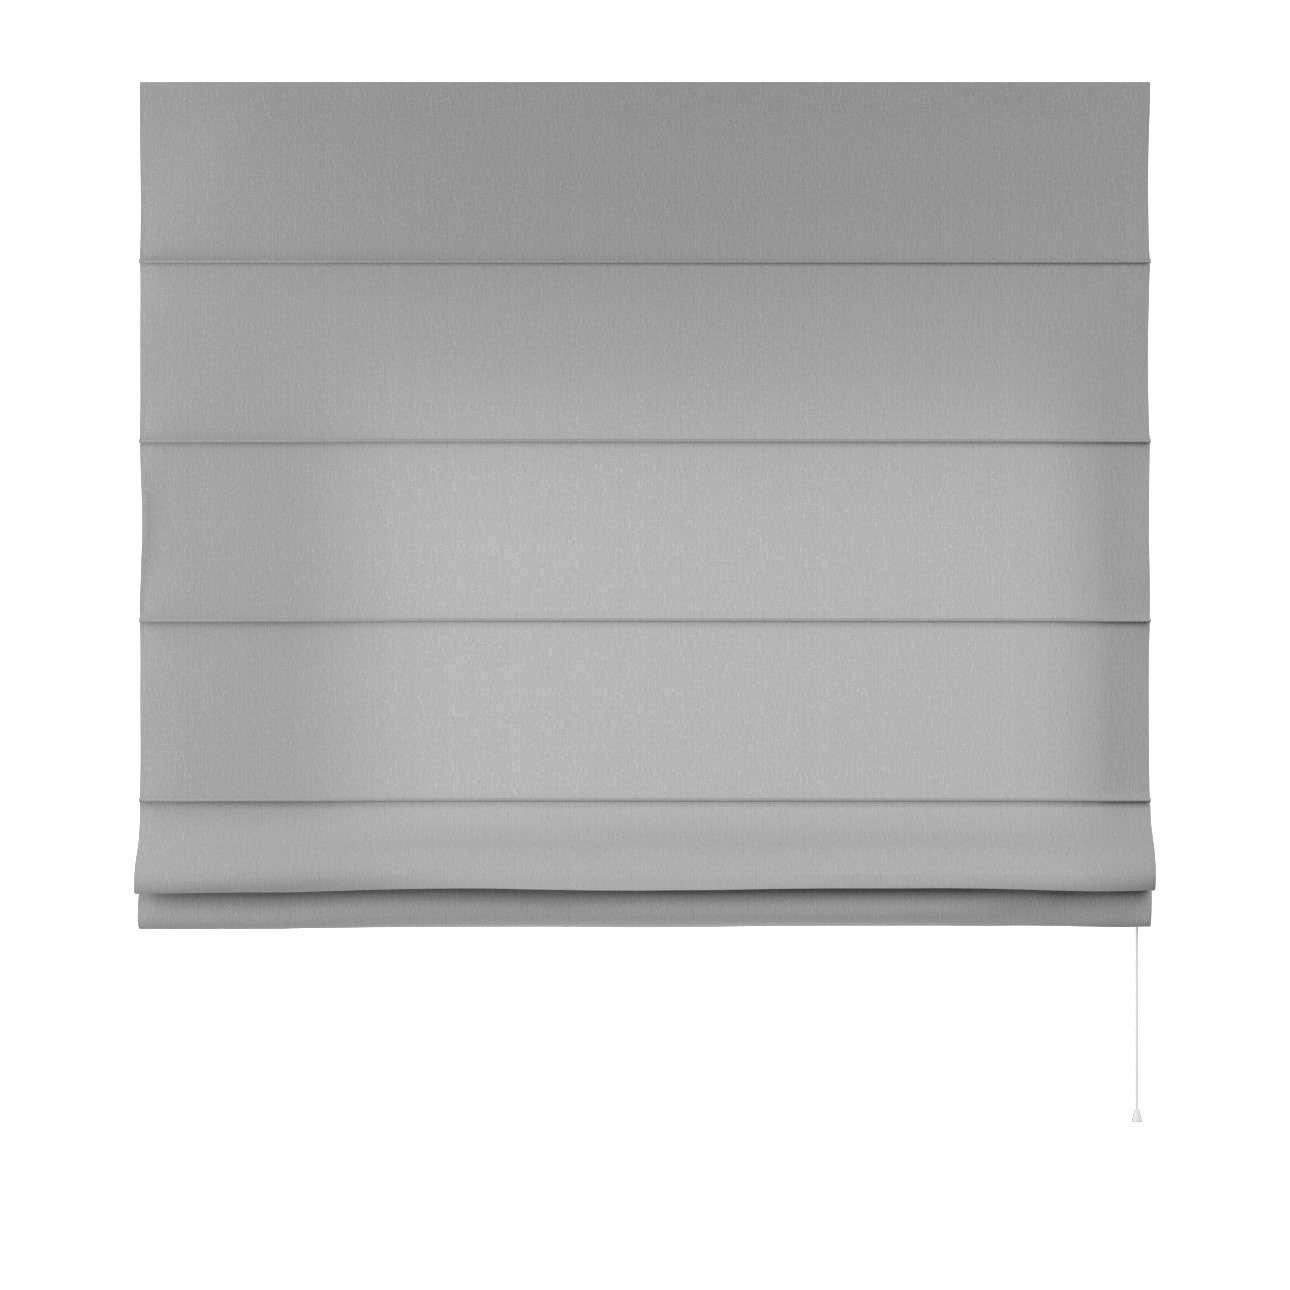 Romanetės Capri 80 x 170 cm (plotis x ilgis) kolekcijoje Chenille, audinys: 702-23